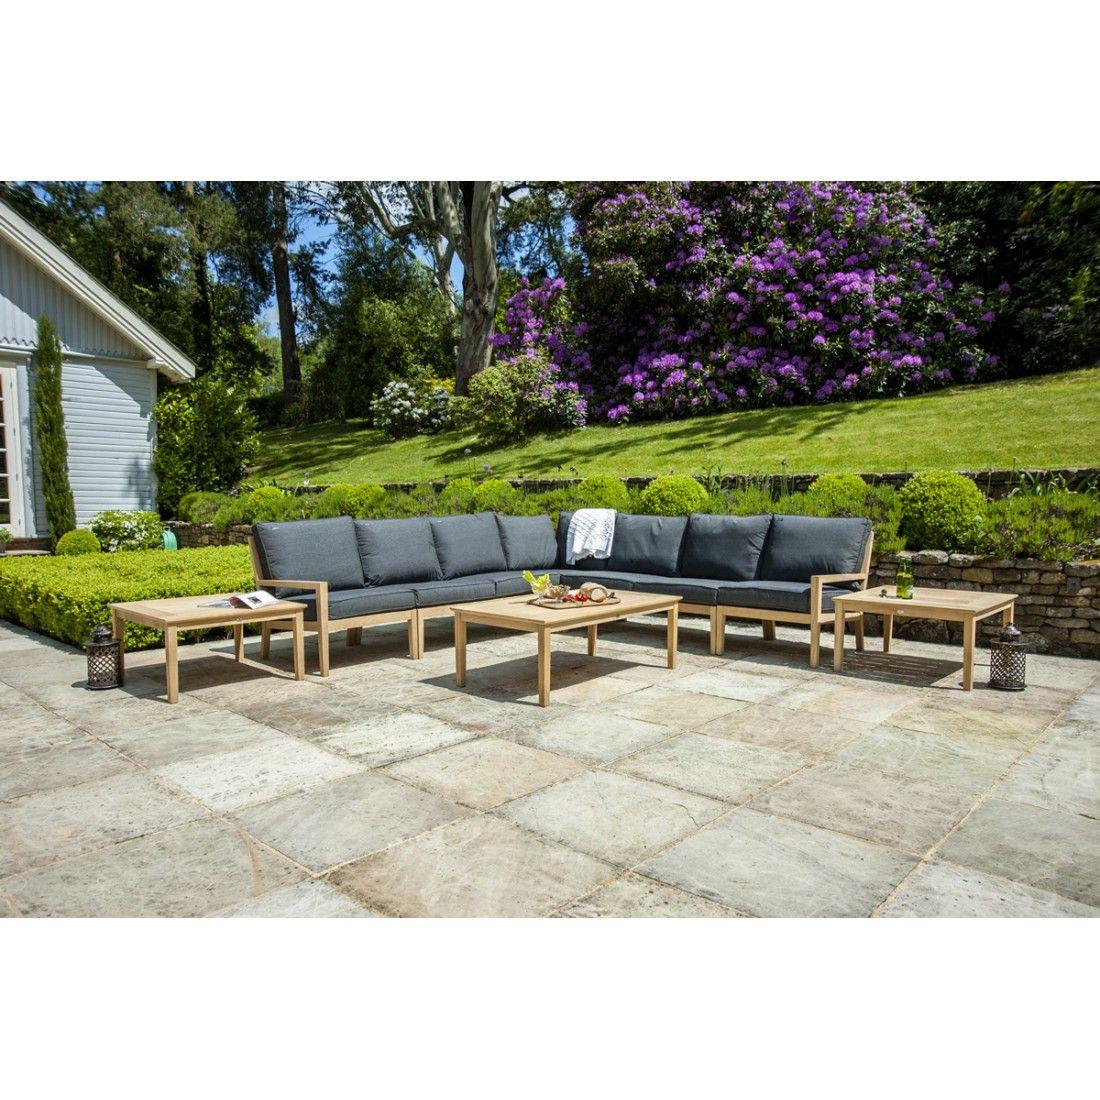 Salon de jardin en bois de roble Tivoli, module d'angle